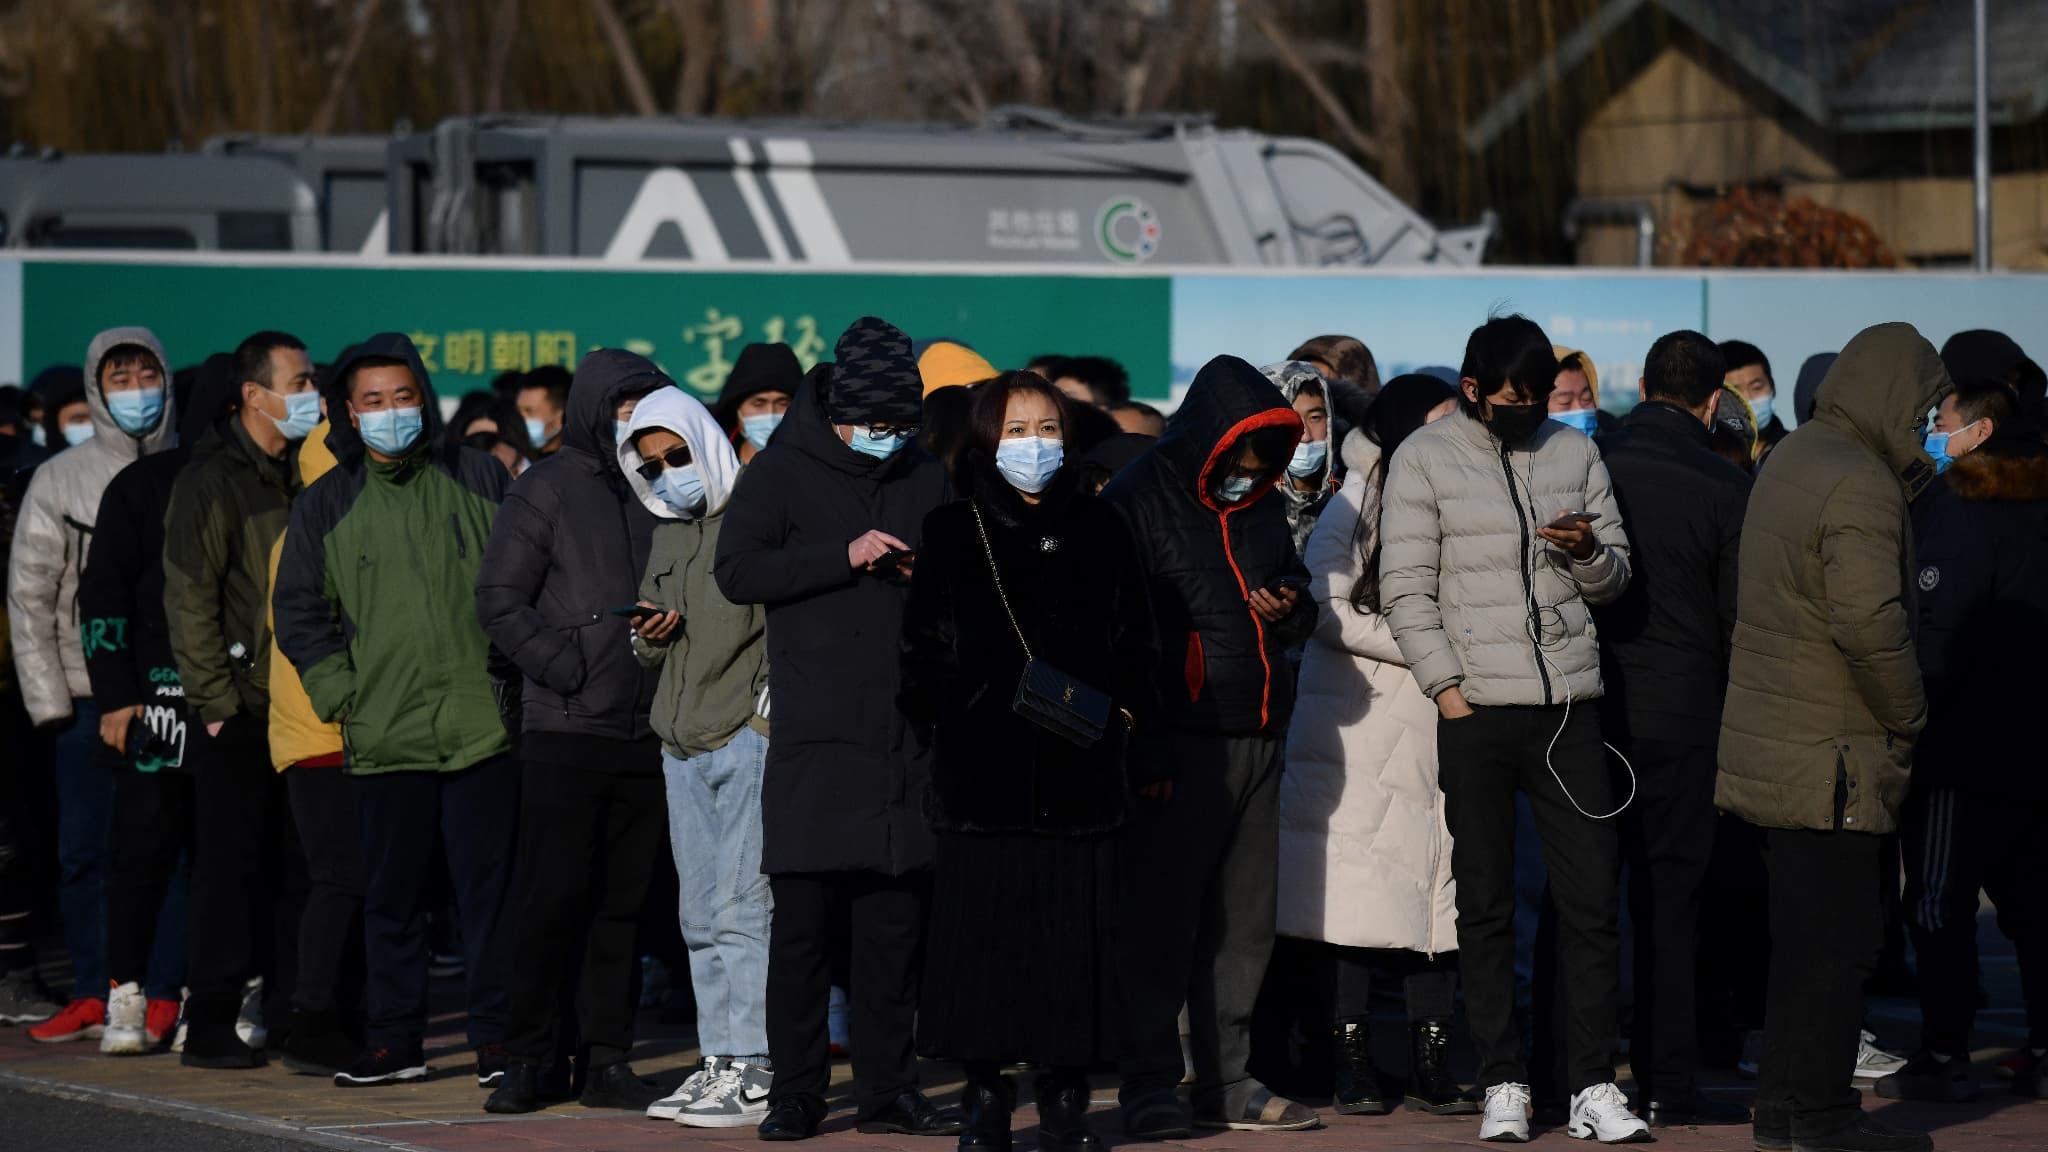 La ville de Pékin vaccine à grande échelle contre le Covid-19 avant le Nouvel an chinois